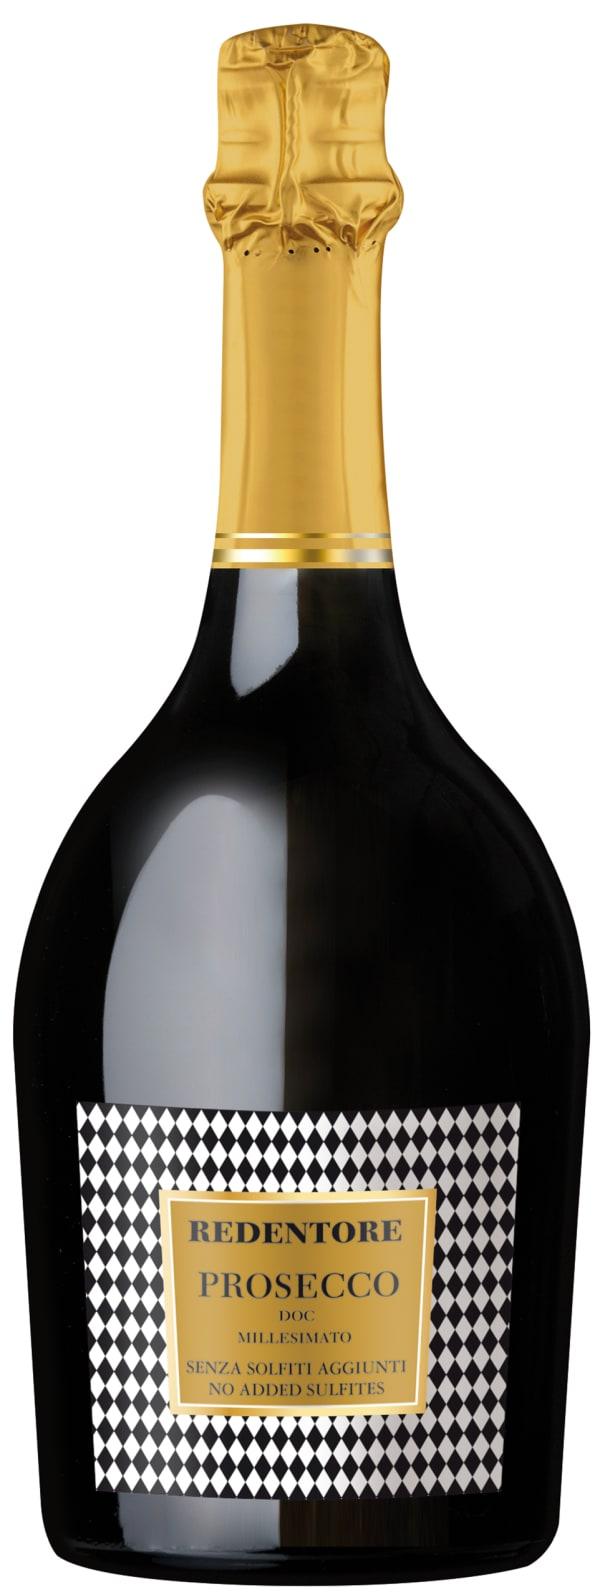 Redentore Grand Cuvée Prosecco Extra Dry 2017